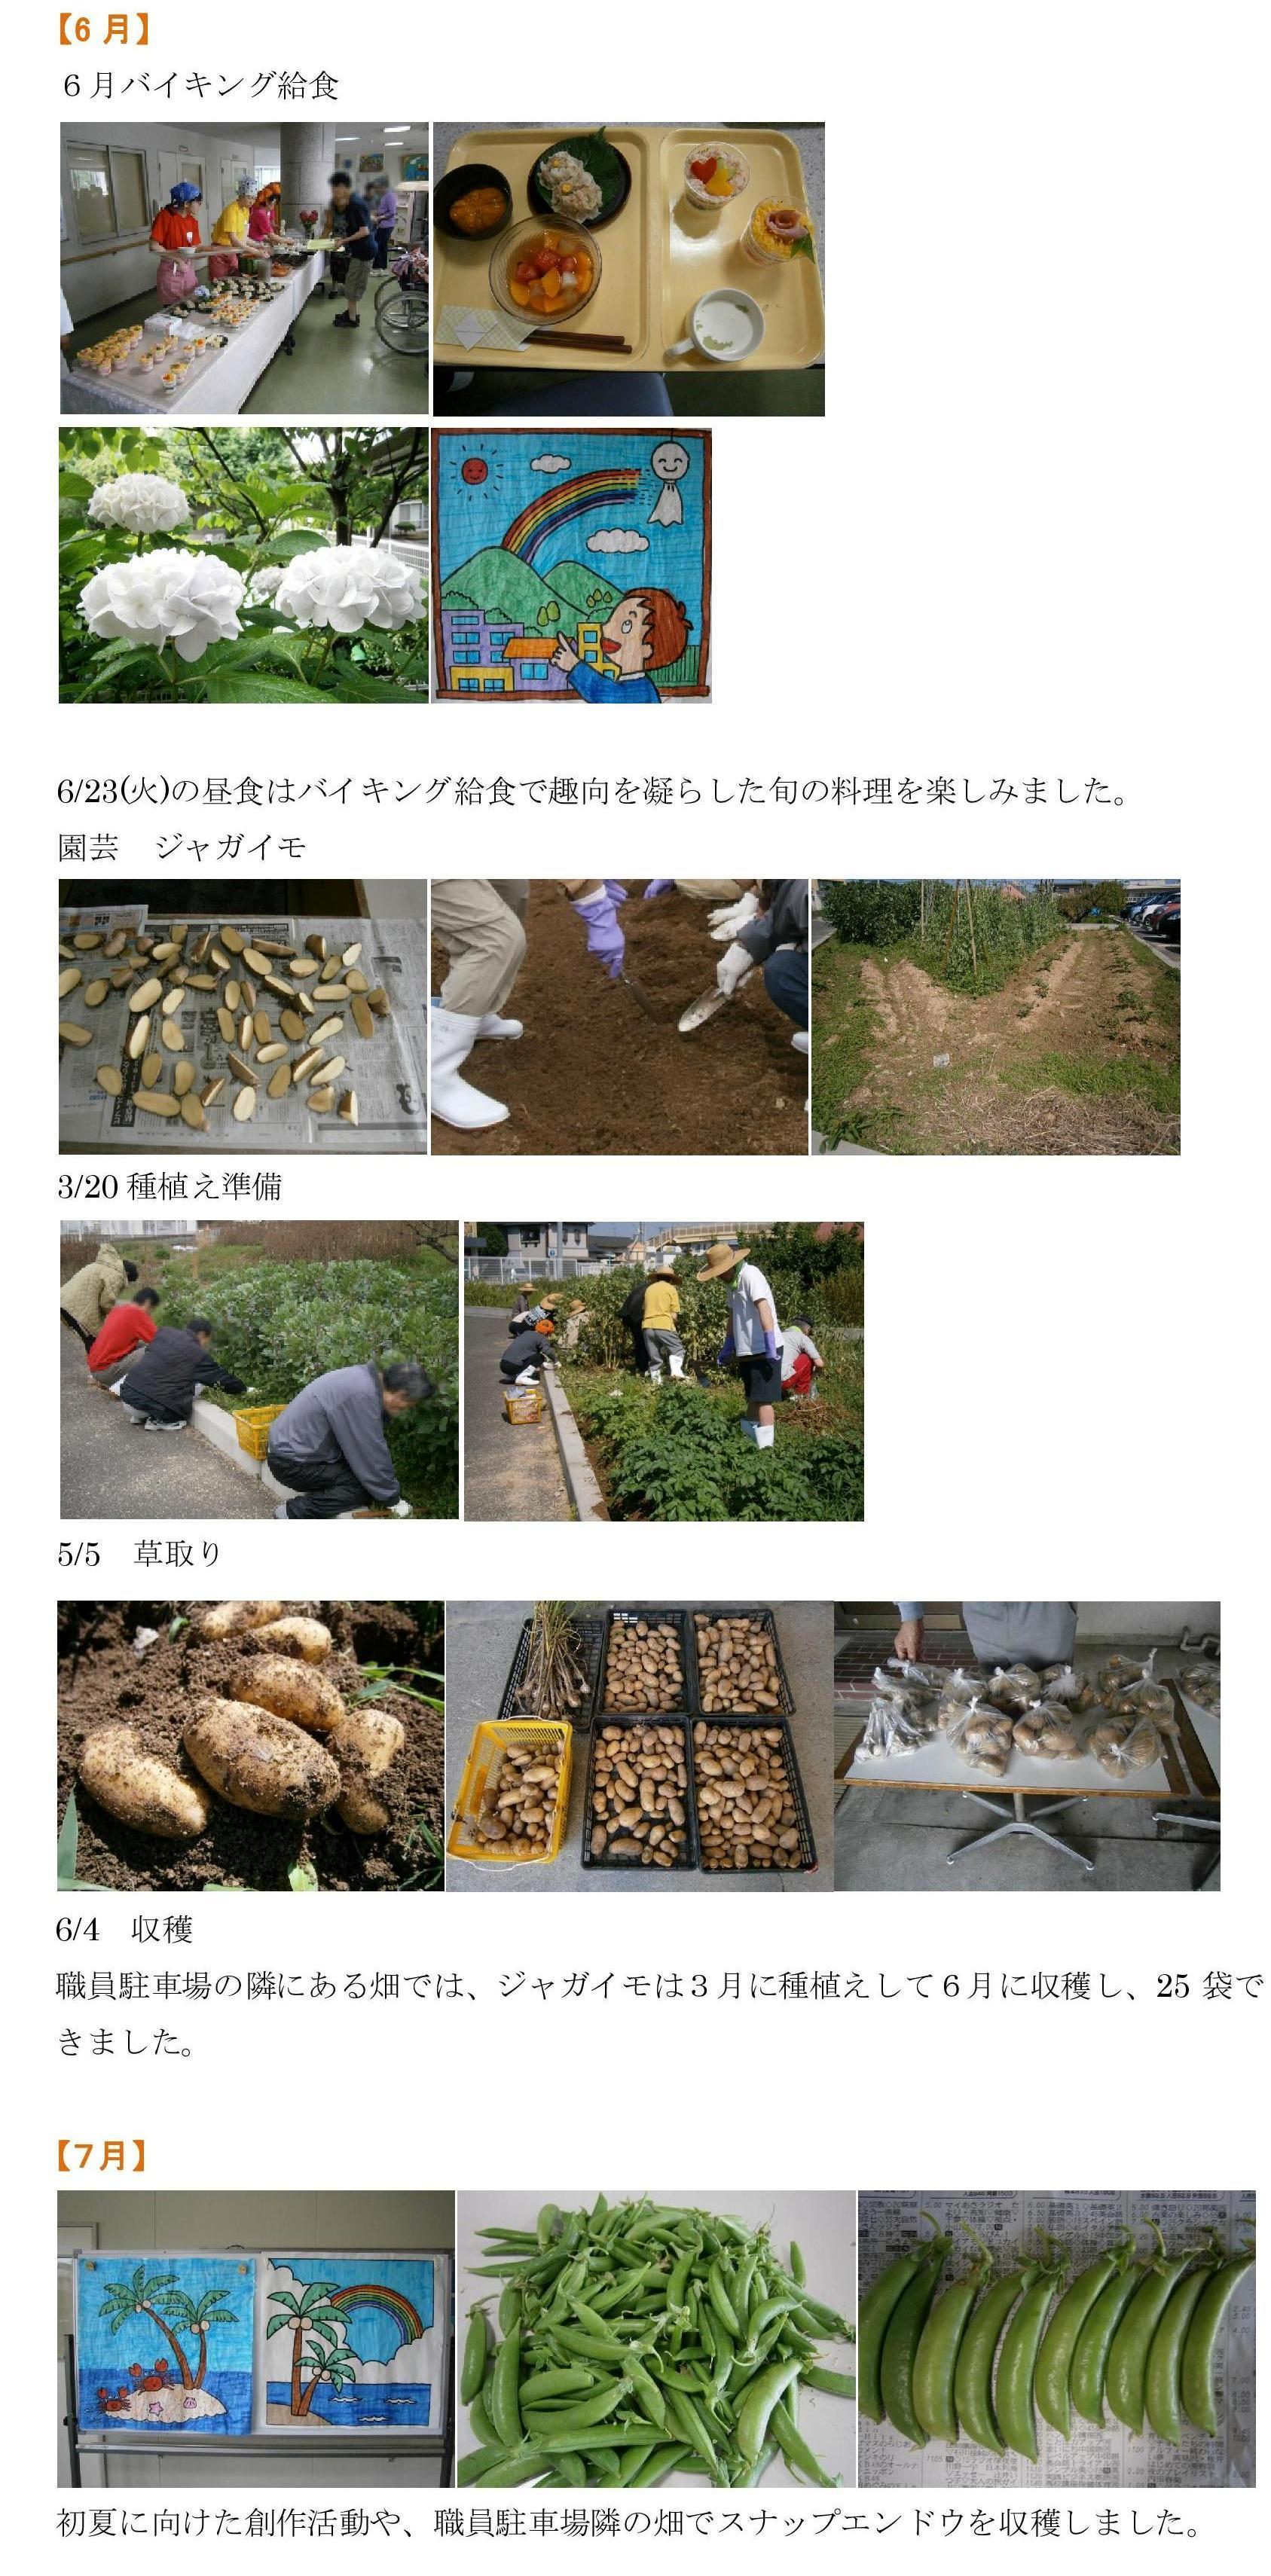 nishi_working_201506-7